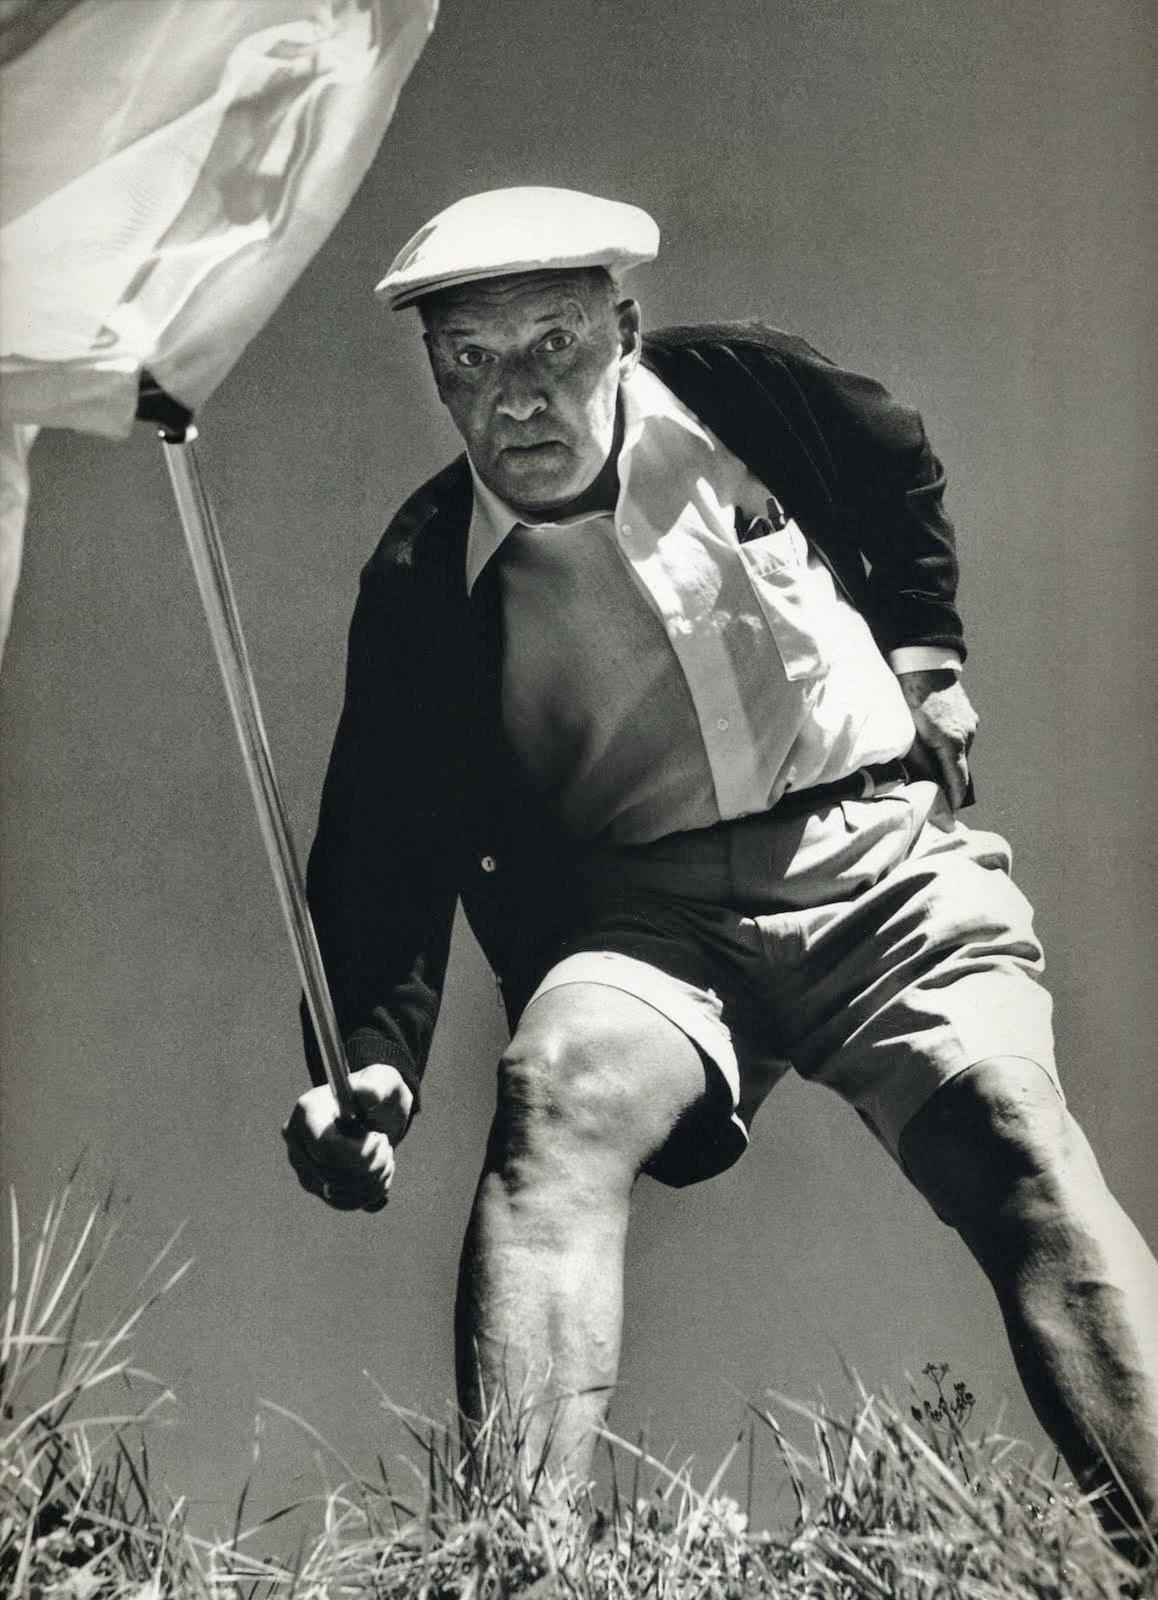 Vladimir Nabokov, Borboletas, Philippe Halsman, Montreux, Switzerland